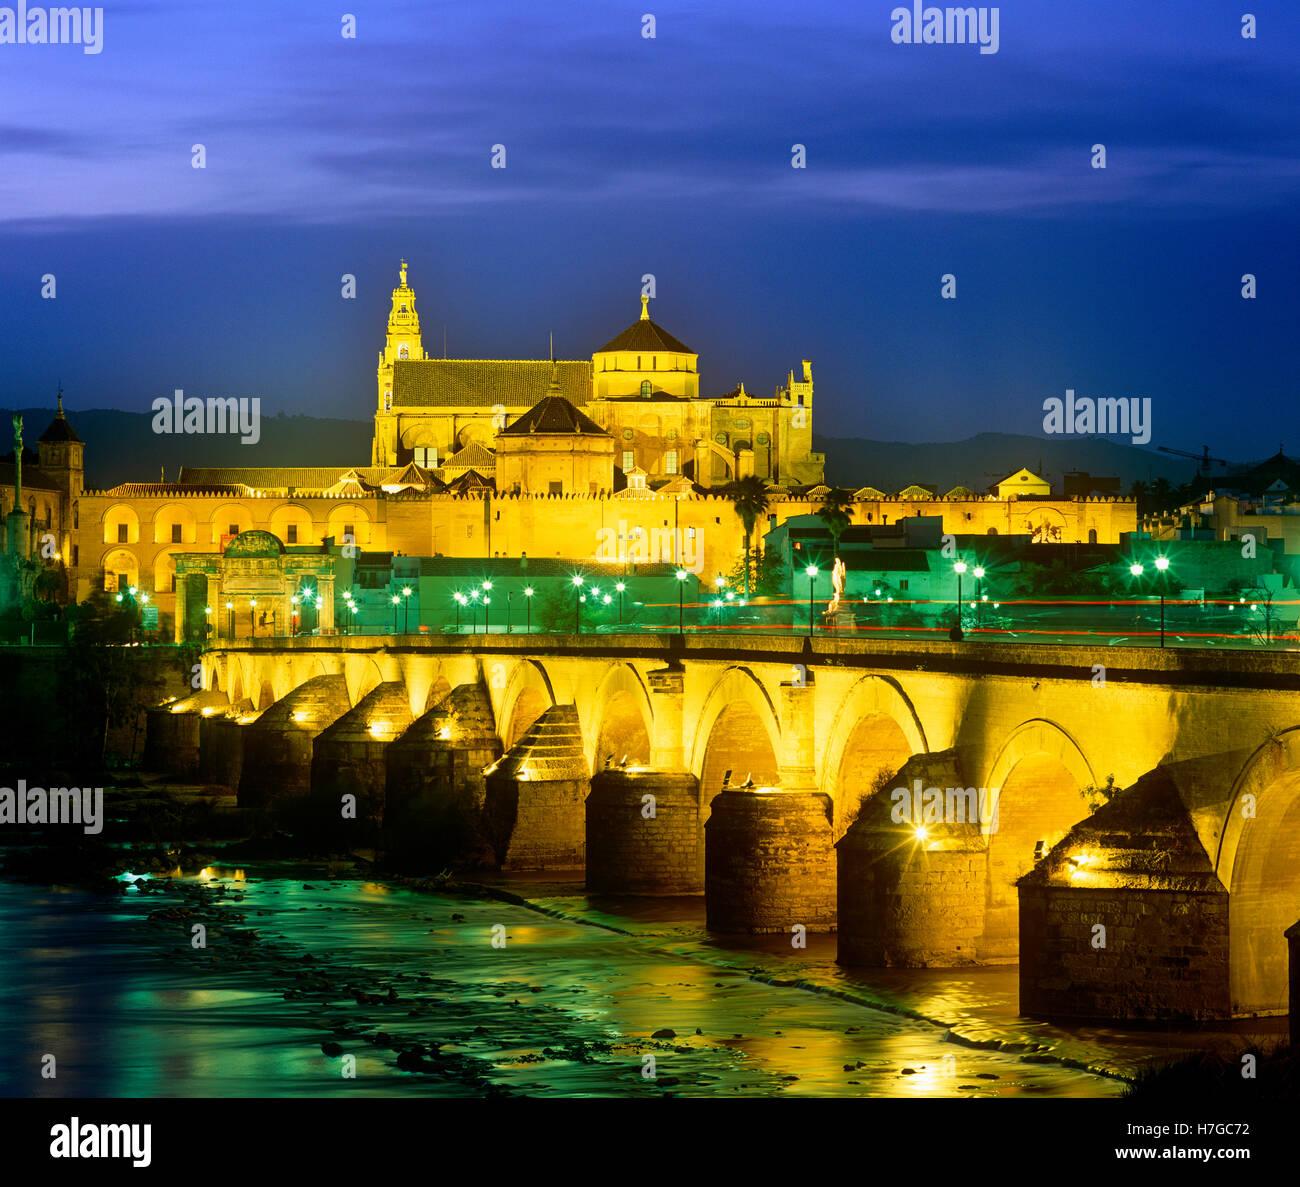 La Cathédrale et le Pont Romain illuminé la nuit, Cordoue, Espagne, Anadalucia Photo Stock